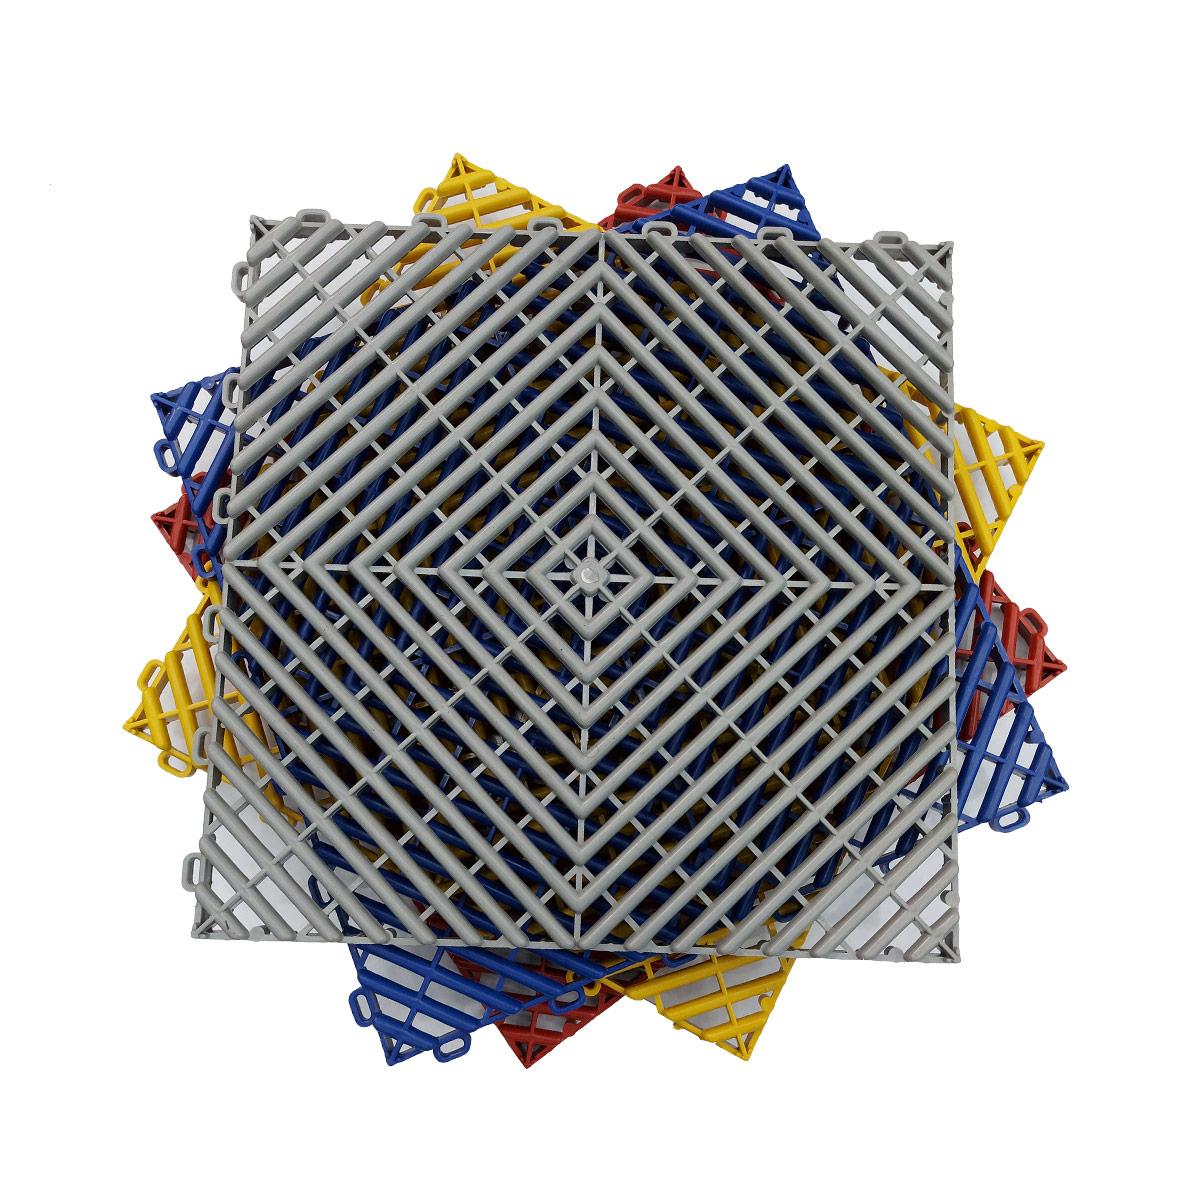 Piso Modular 30x30 Vermelho (Unidade) - Detailer